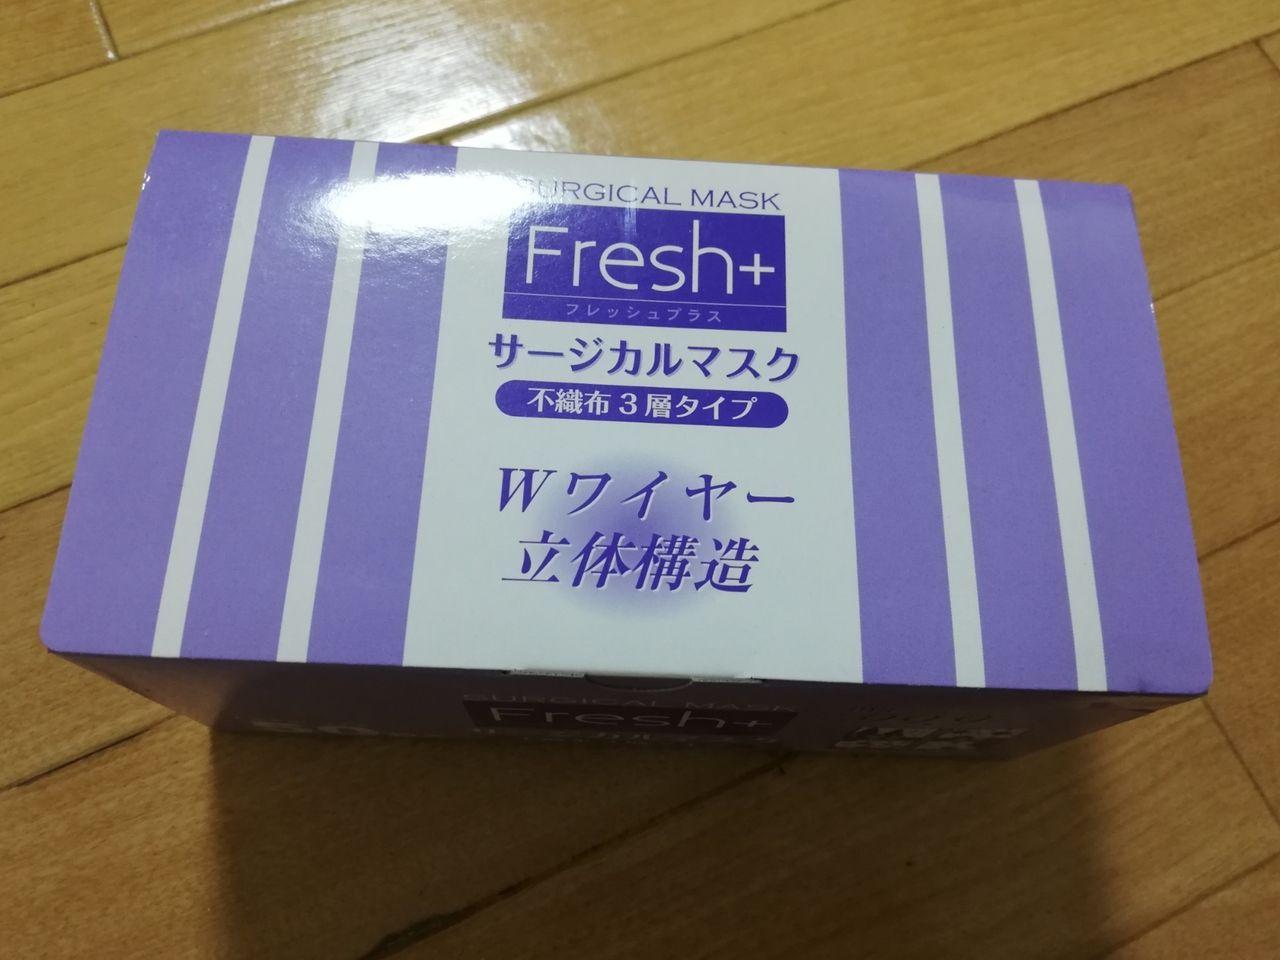 マスク 業務 スーパー ひんやり「冷感」使い捨てマスク、業務スーパーなら50枚498円で売ってたよ。 (2021年5月18日)